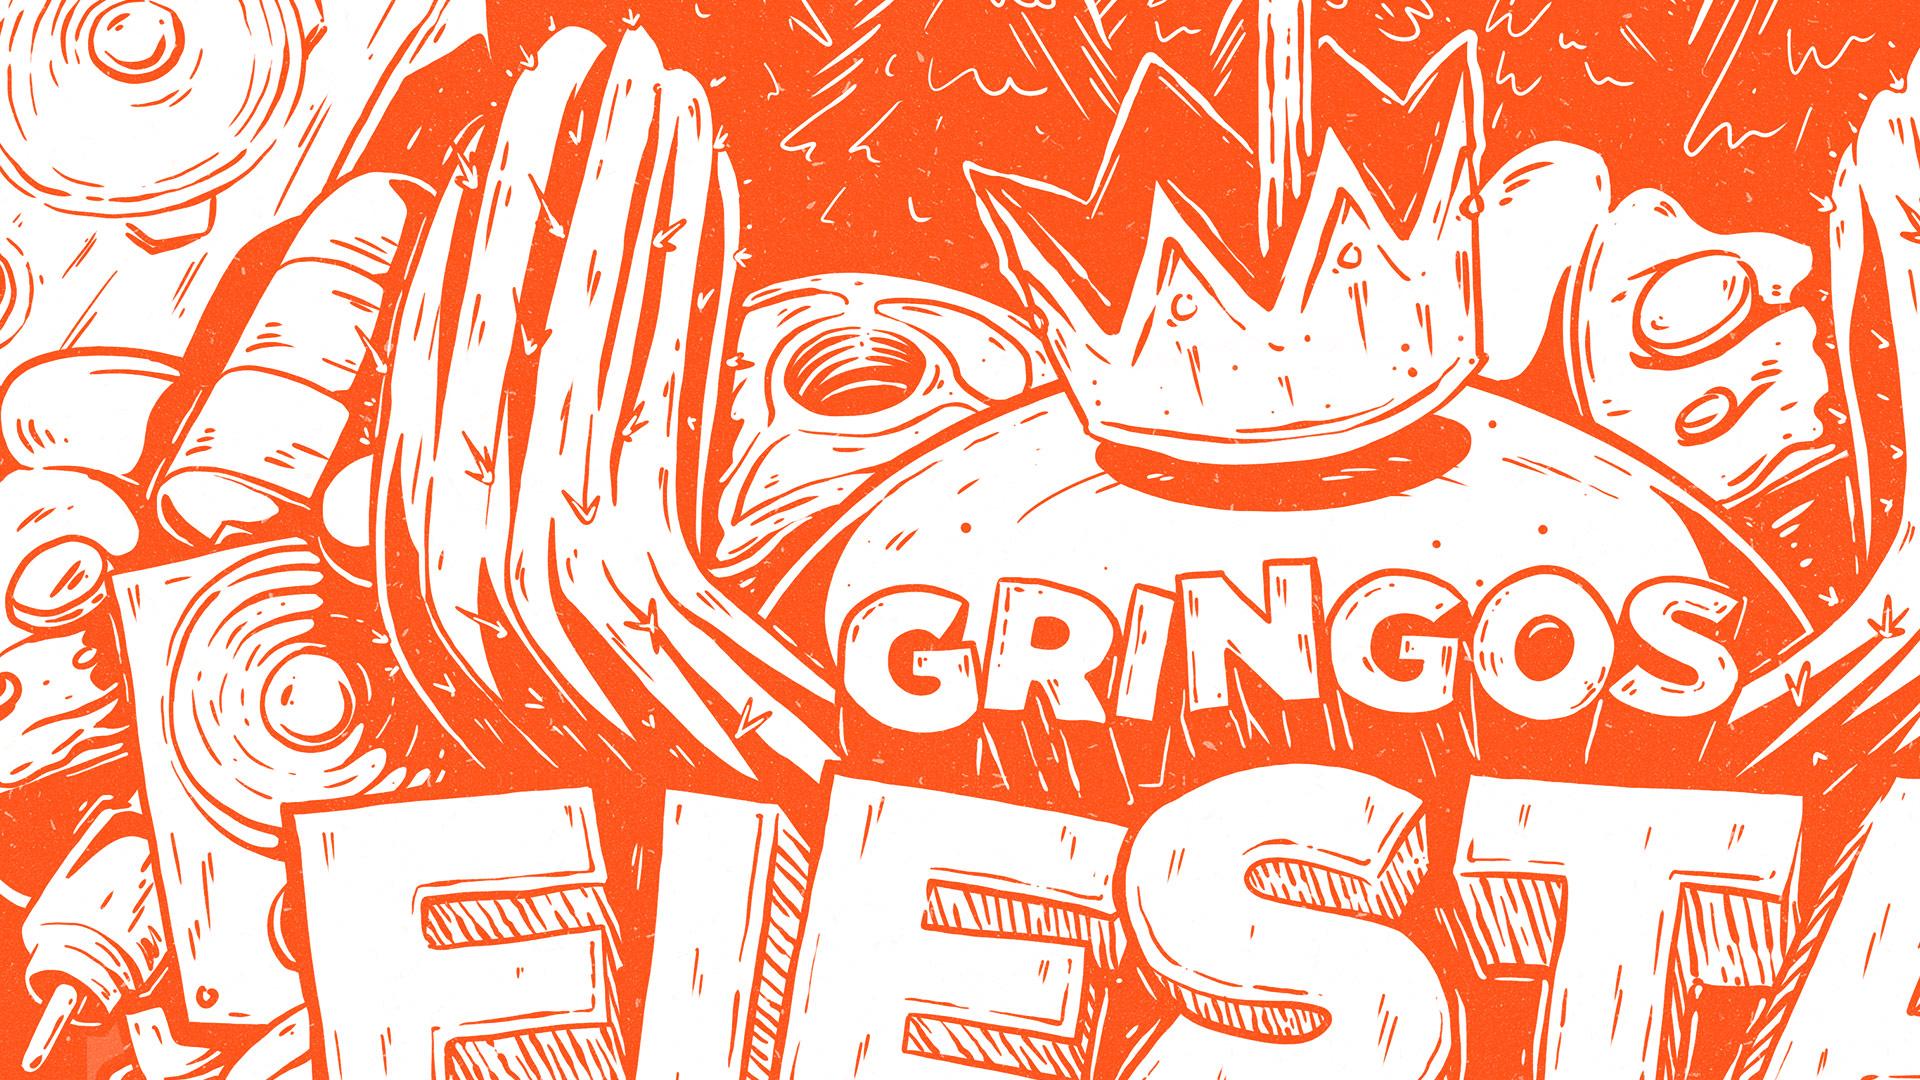 Gringos Fiesta 2019 | Poster Detail | Illustration By Artjom Meister | Art-mas.com